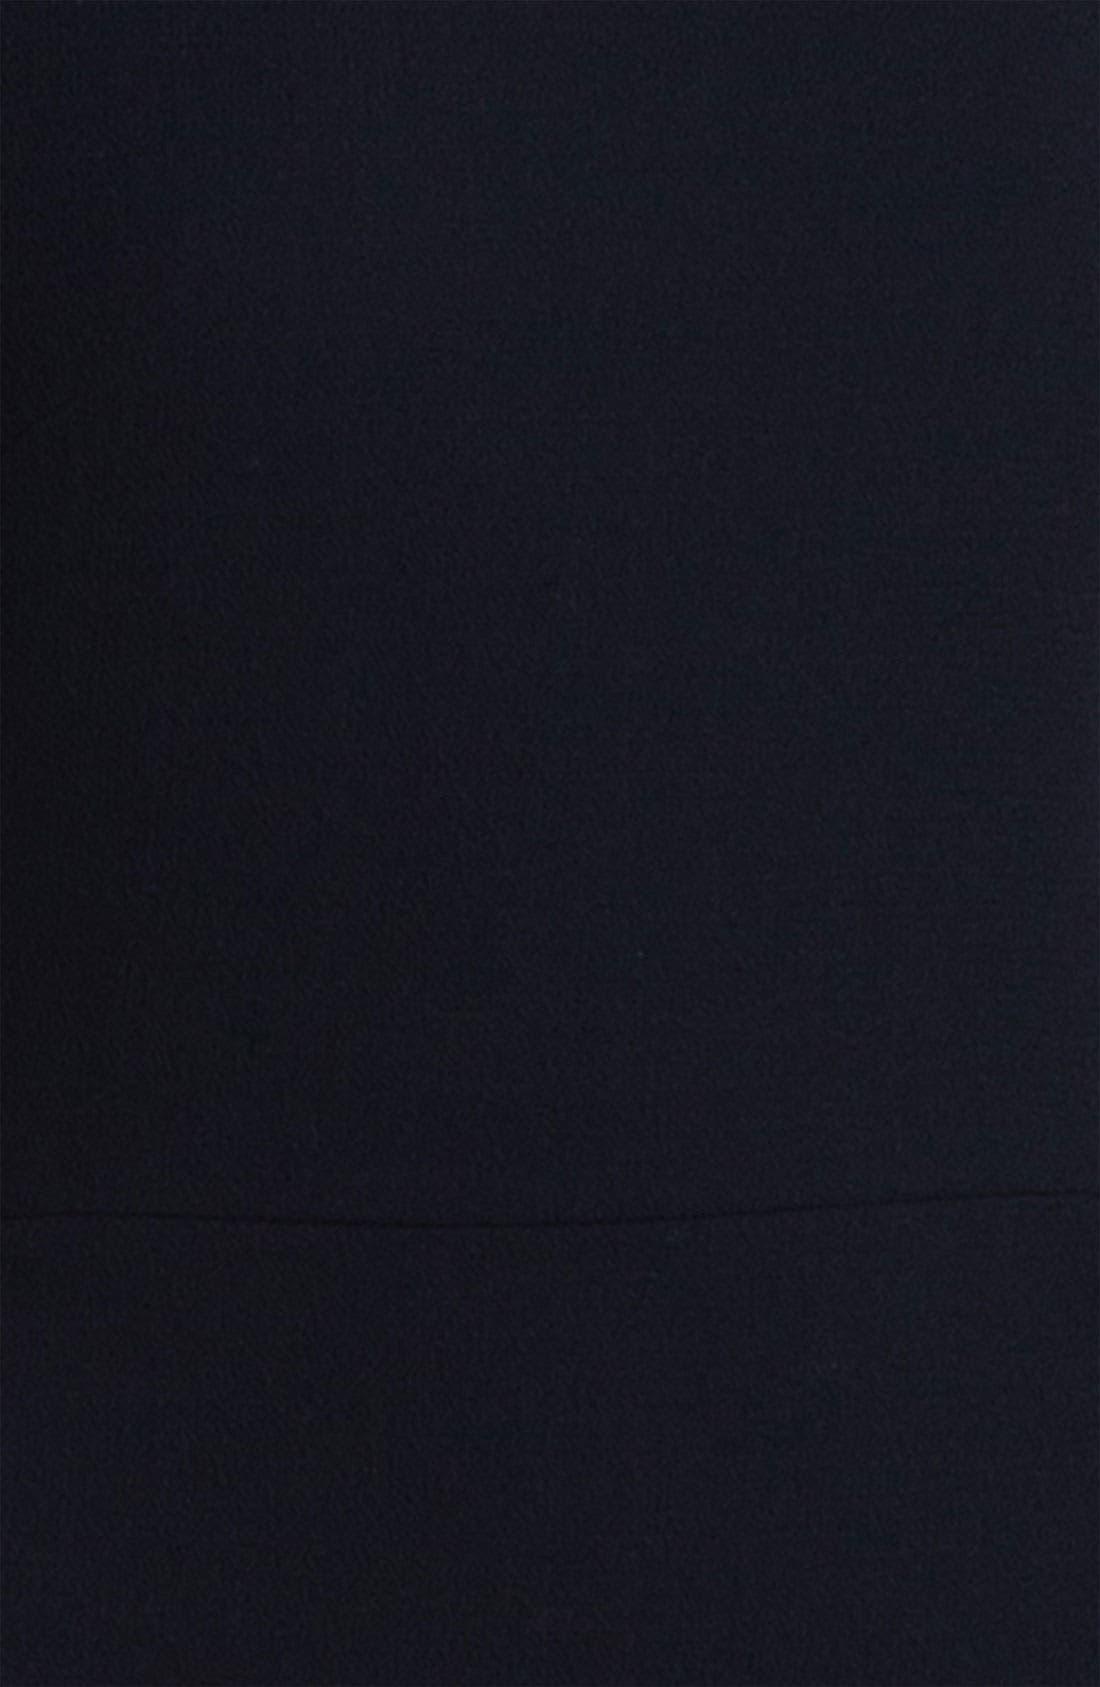 Alternate Image 3  - Victoria, Victoria Beckham Textured Wool Dress